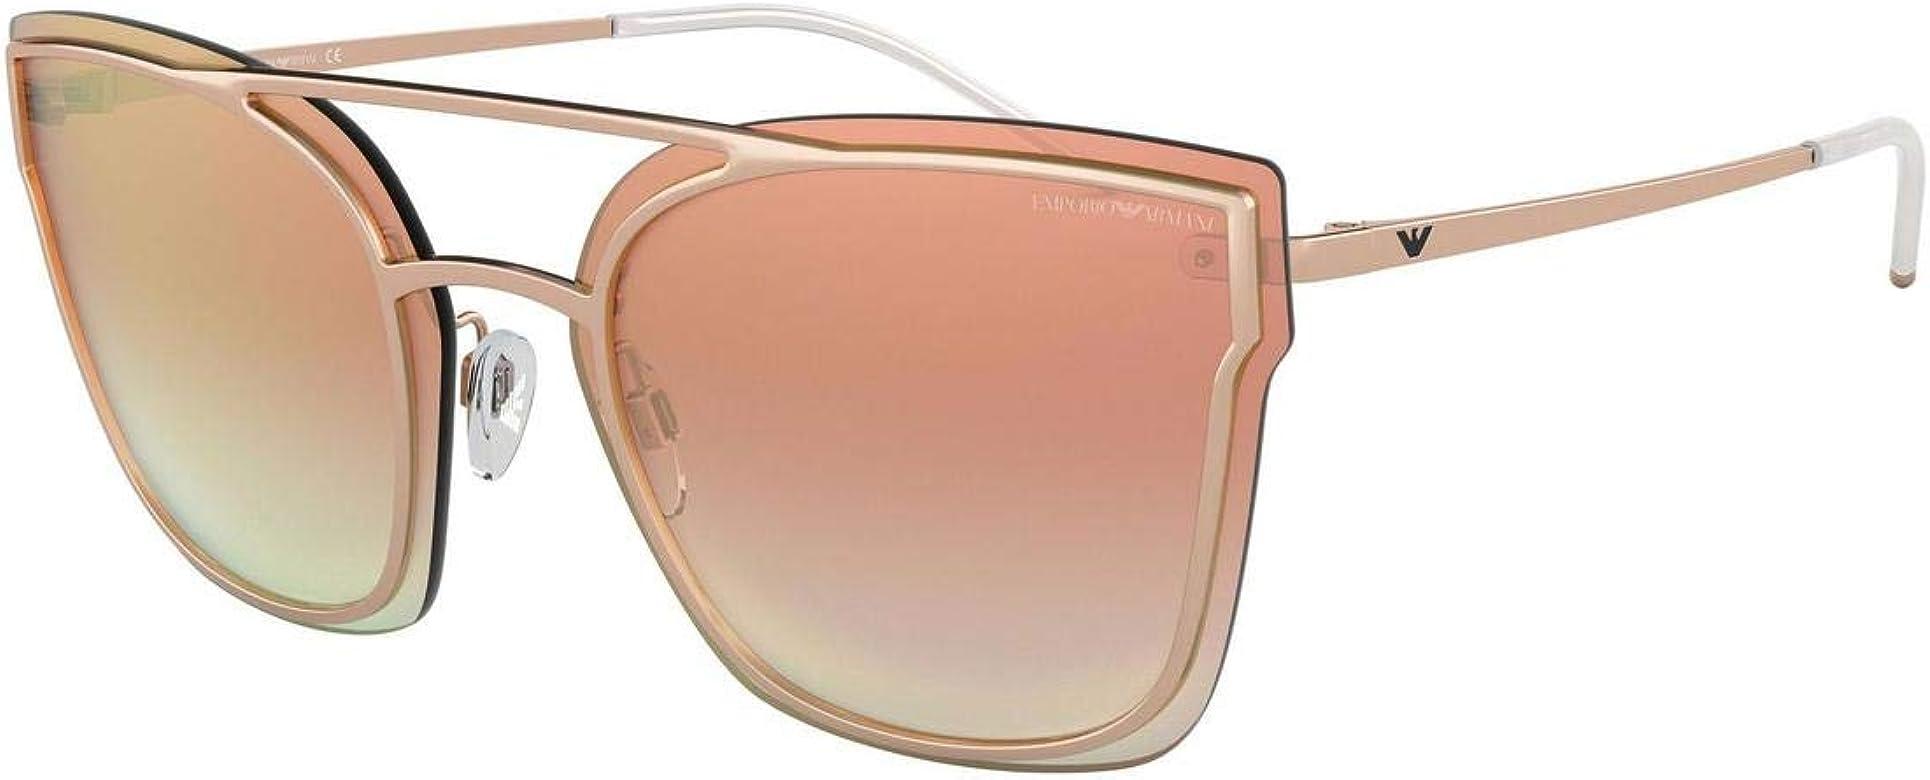 Amazon.com: Emporio Armani EA 2076 - Gafas de sol para mujer ...